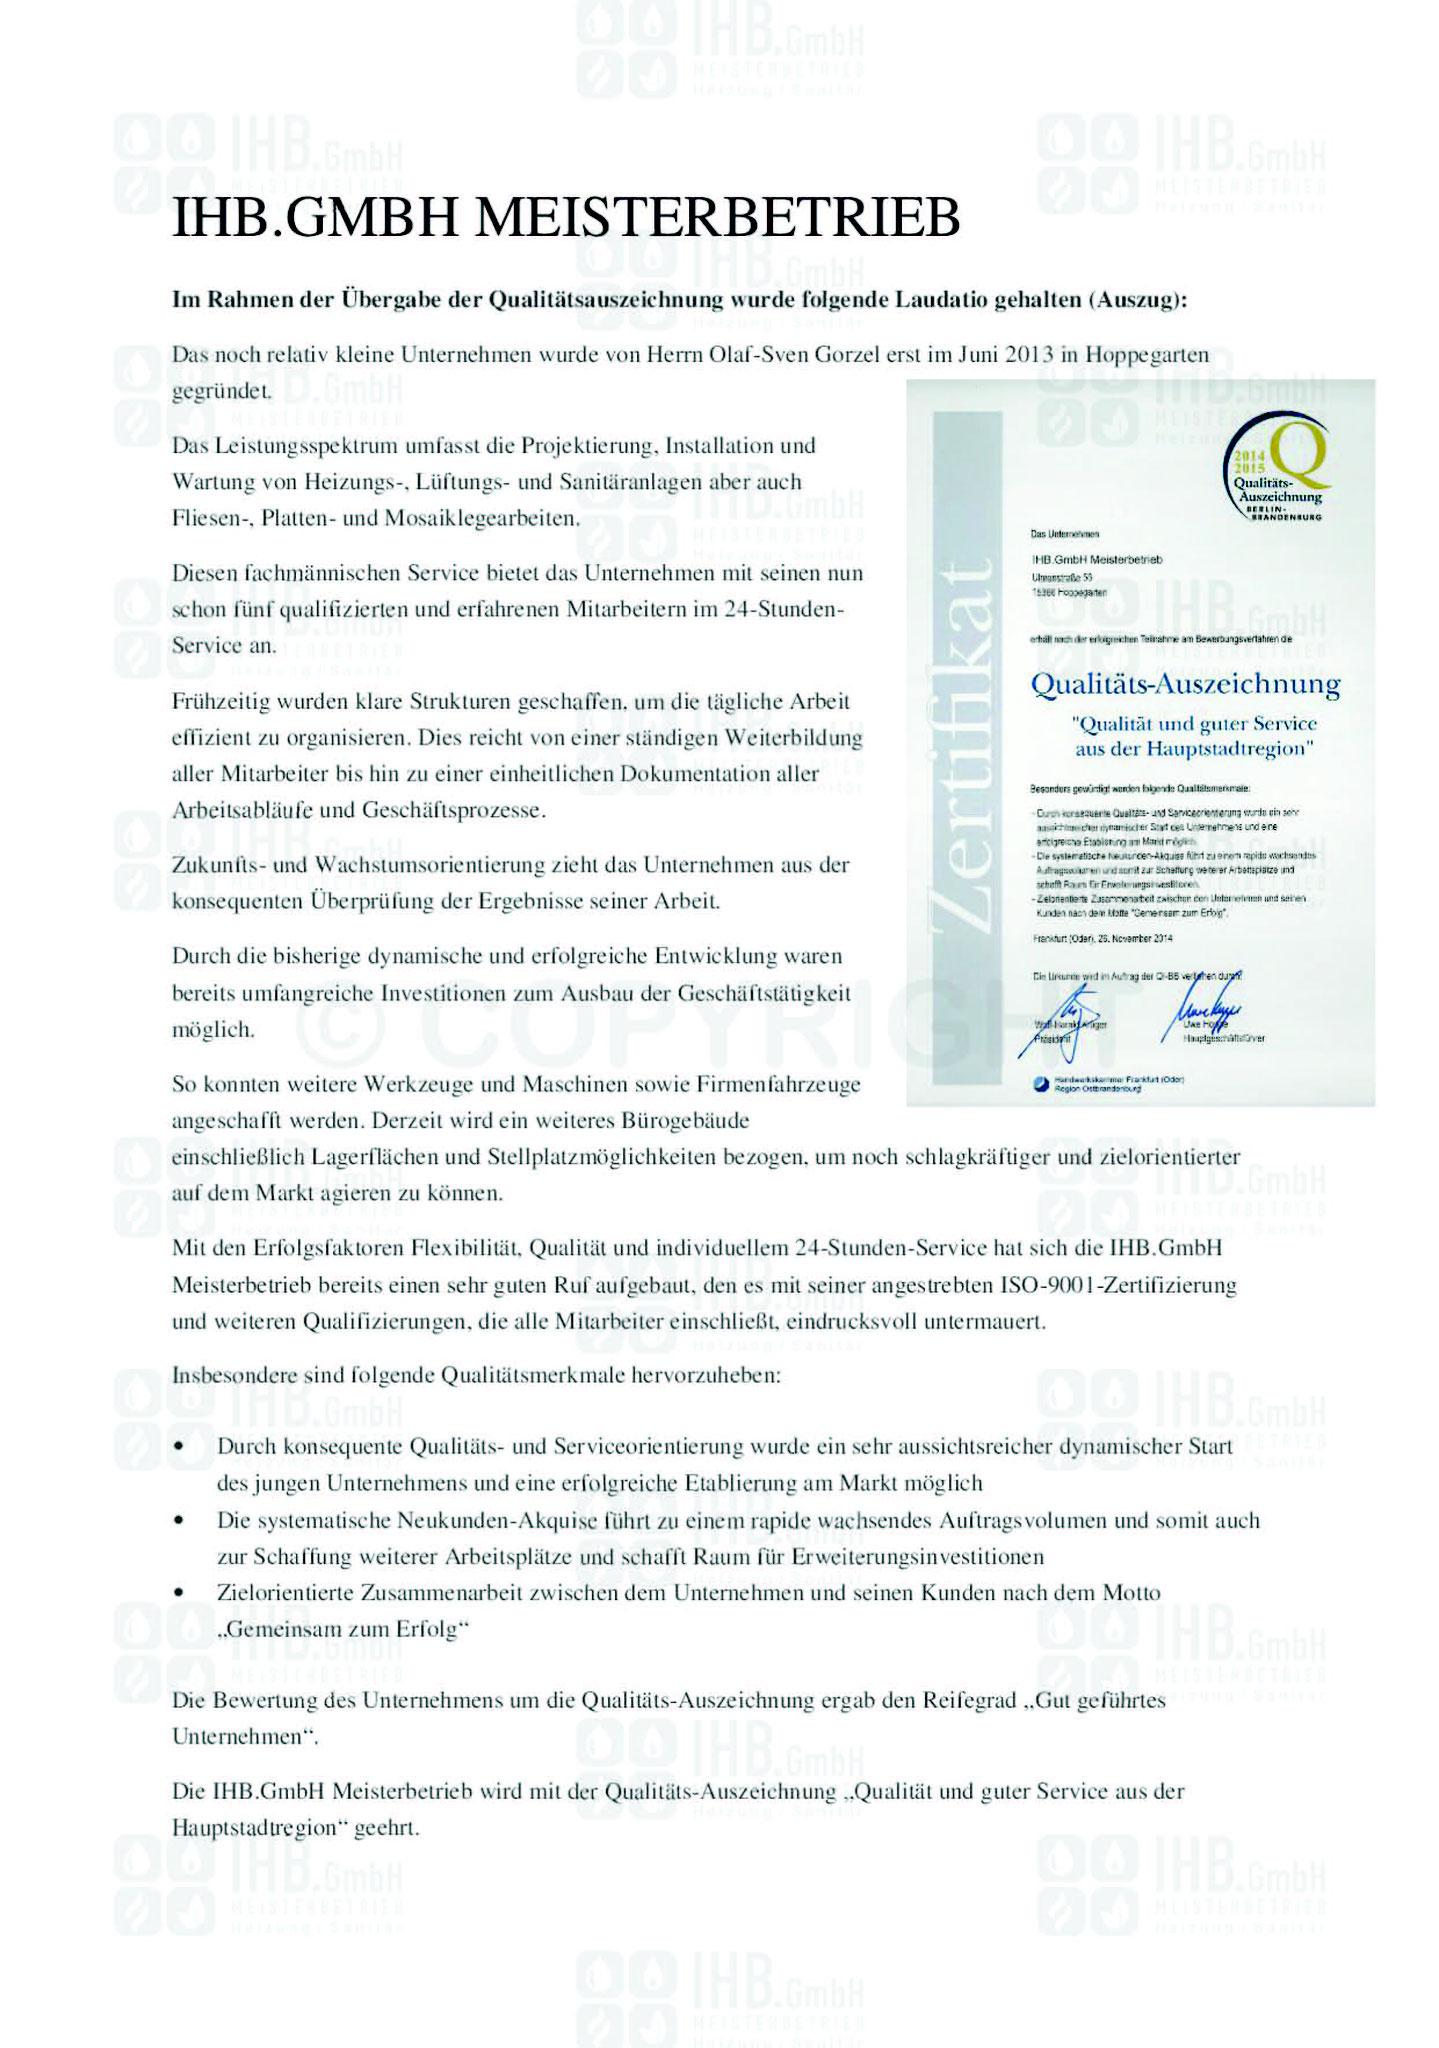 Qualitätsauszeichnung 2014/2015 - Laudatio